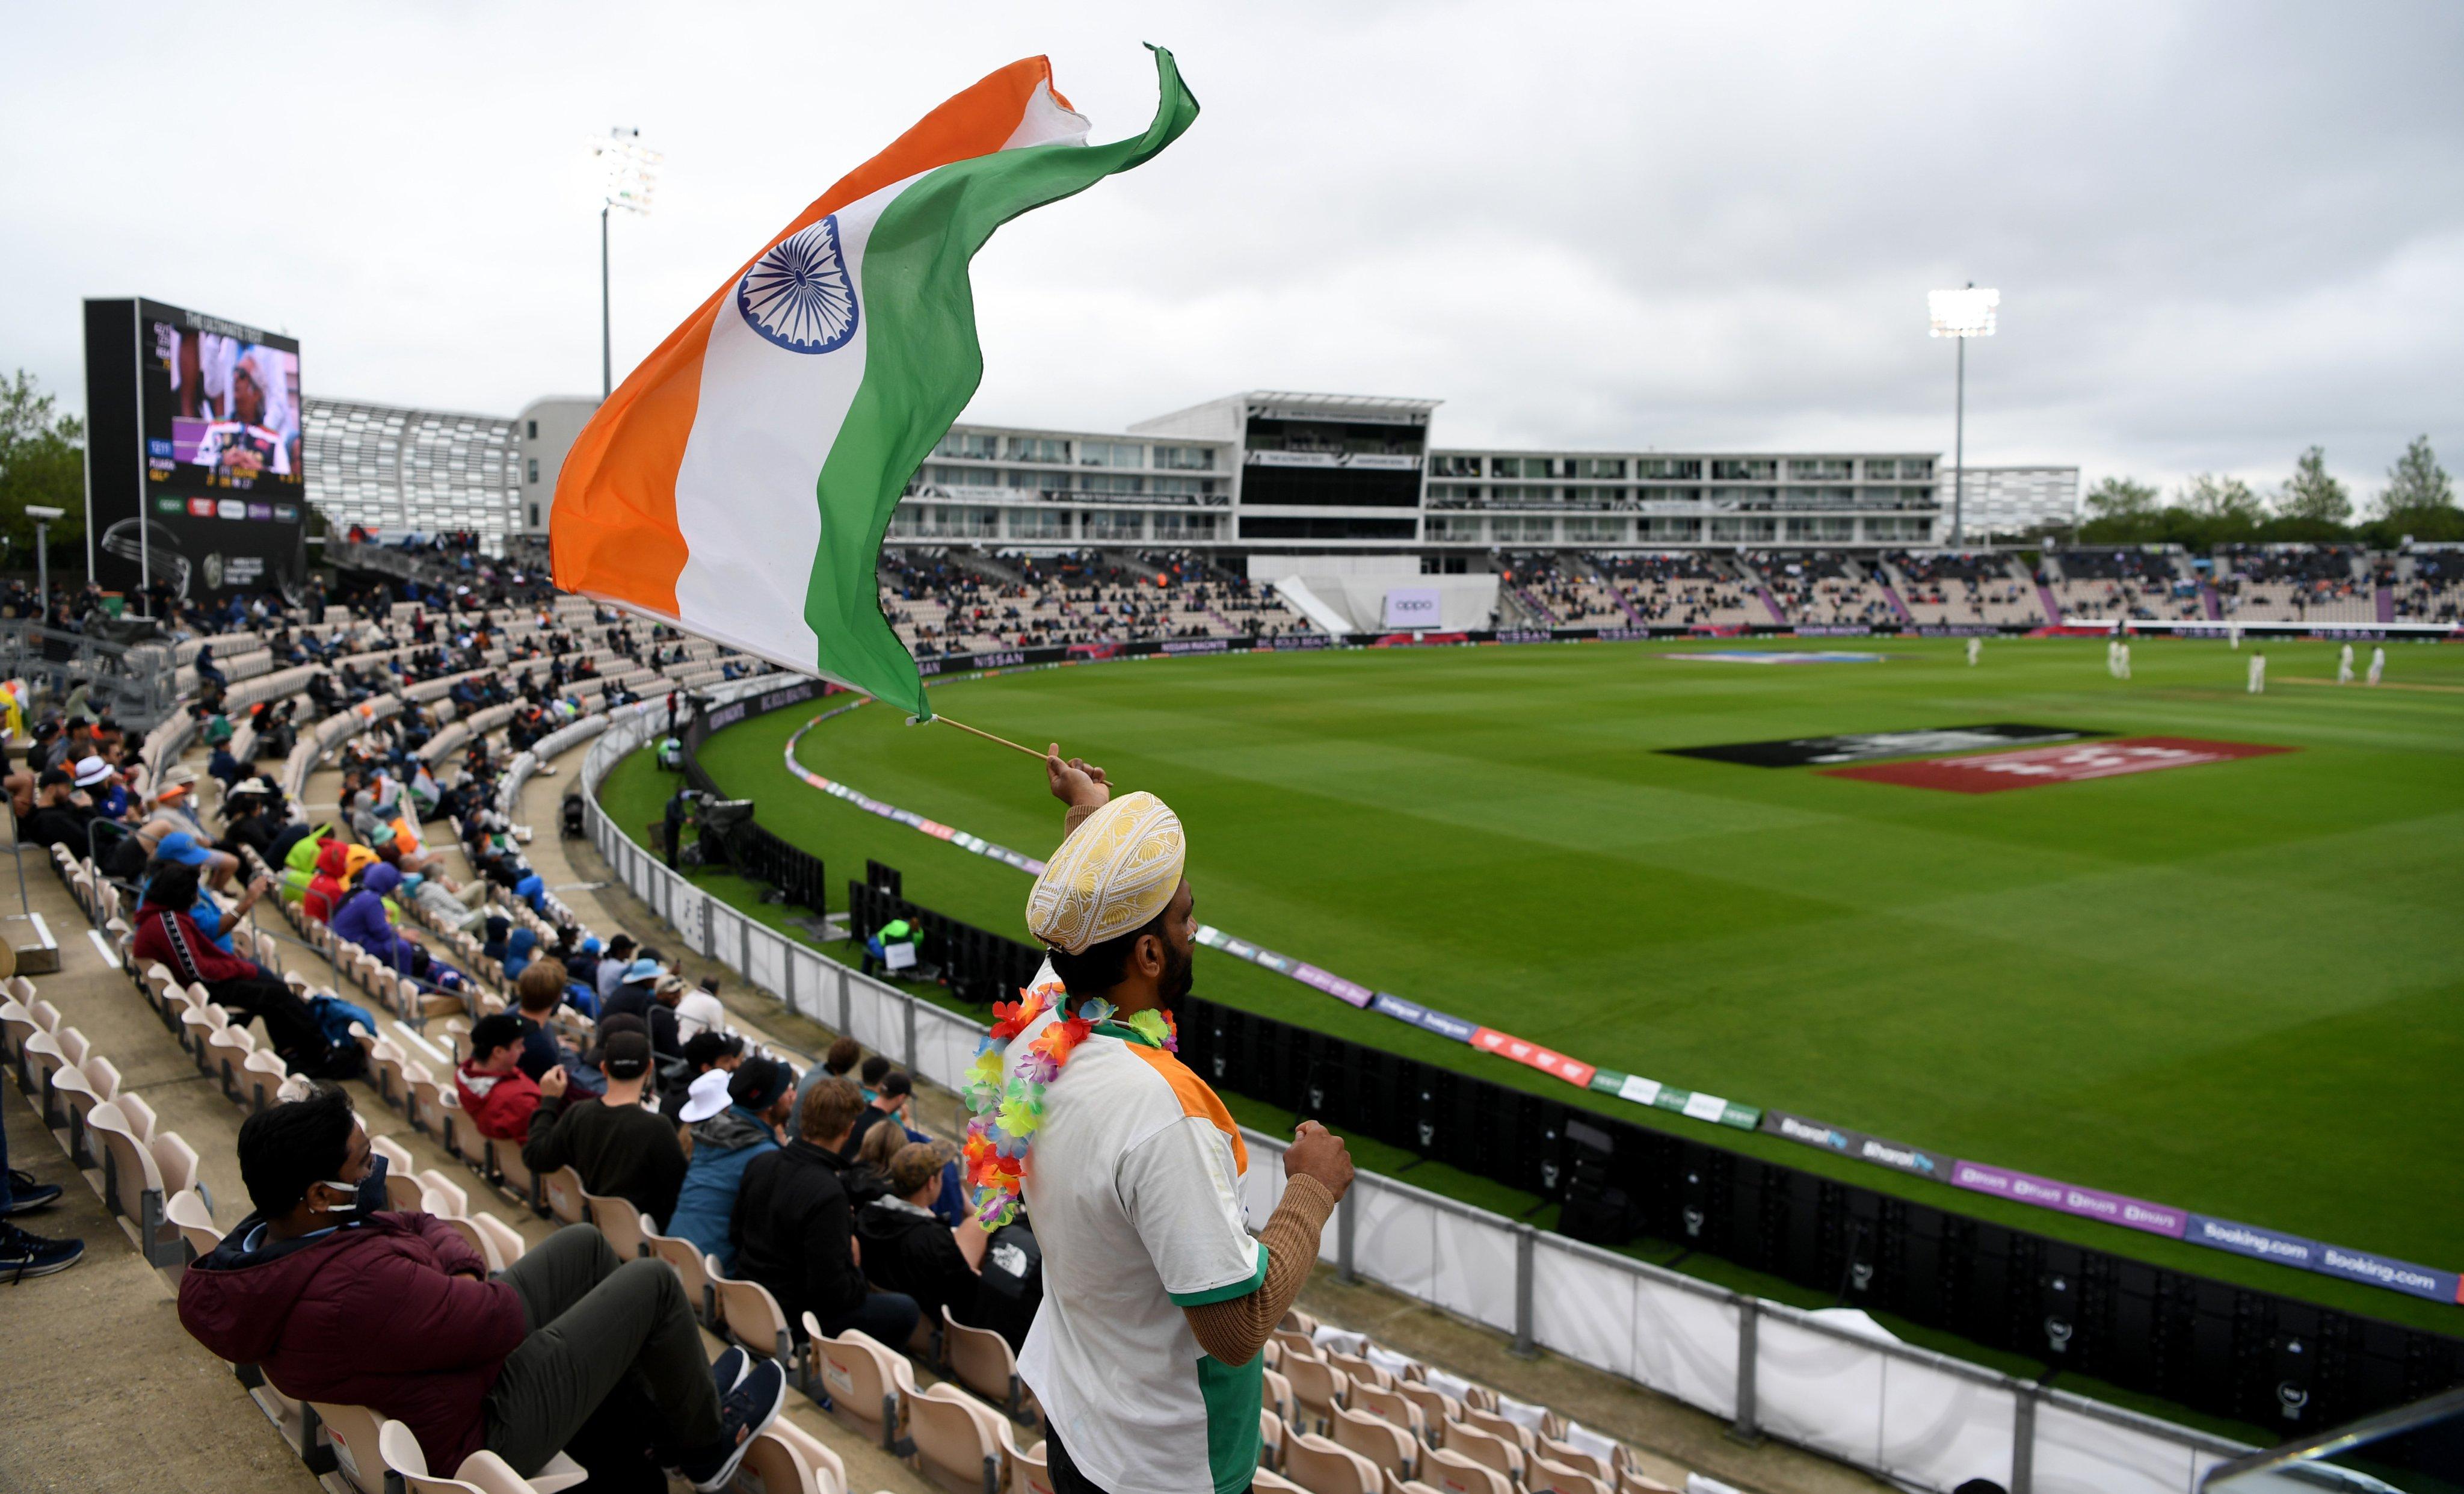 फाइनल के लिए 4 हजार फैंस को स्टेडियम में एंट्री दी गई।